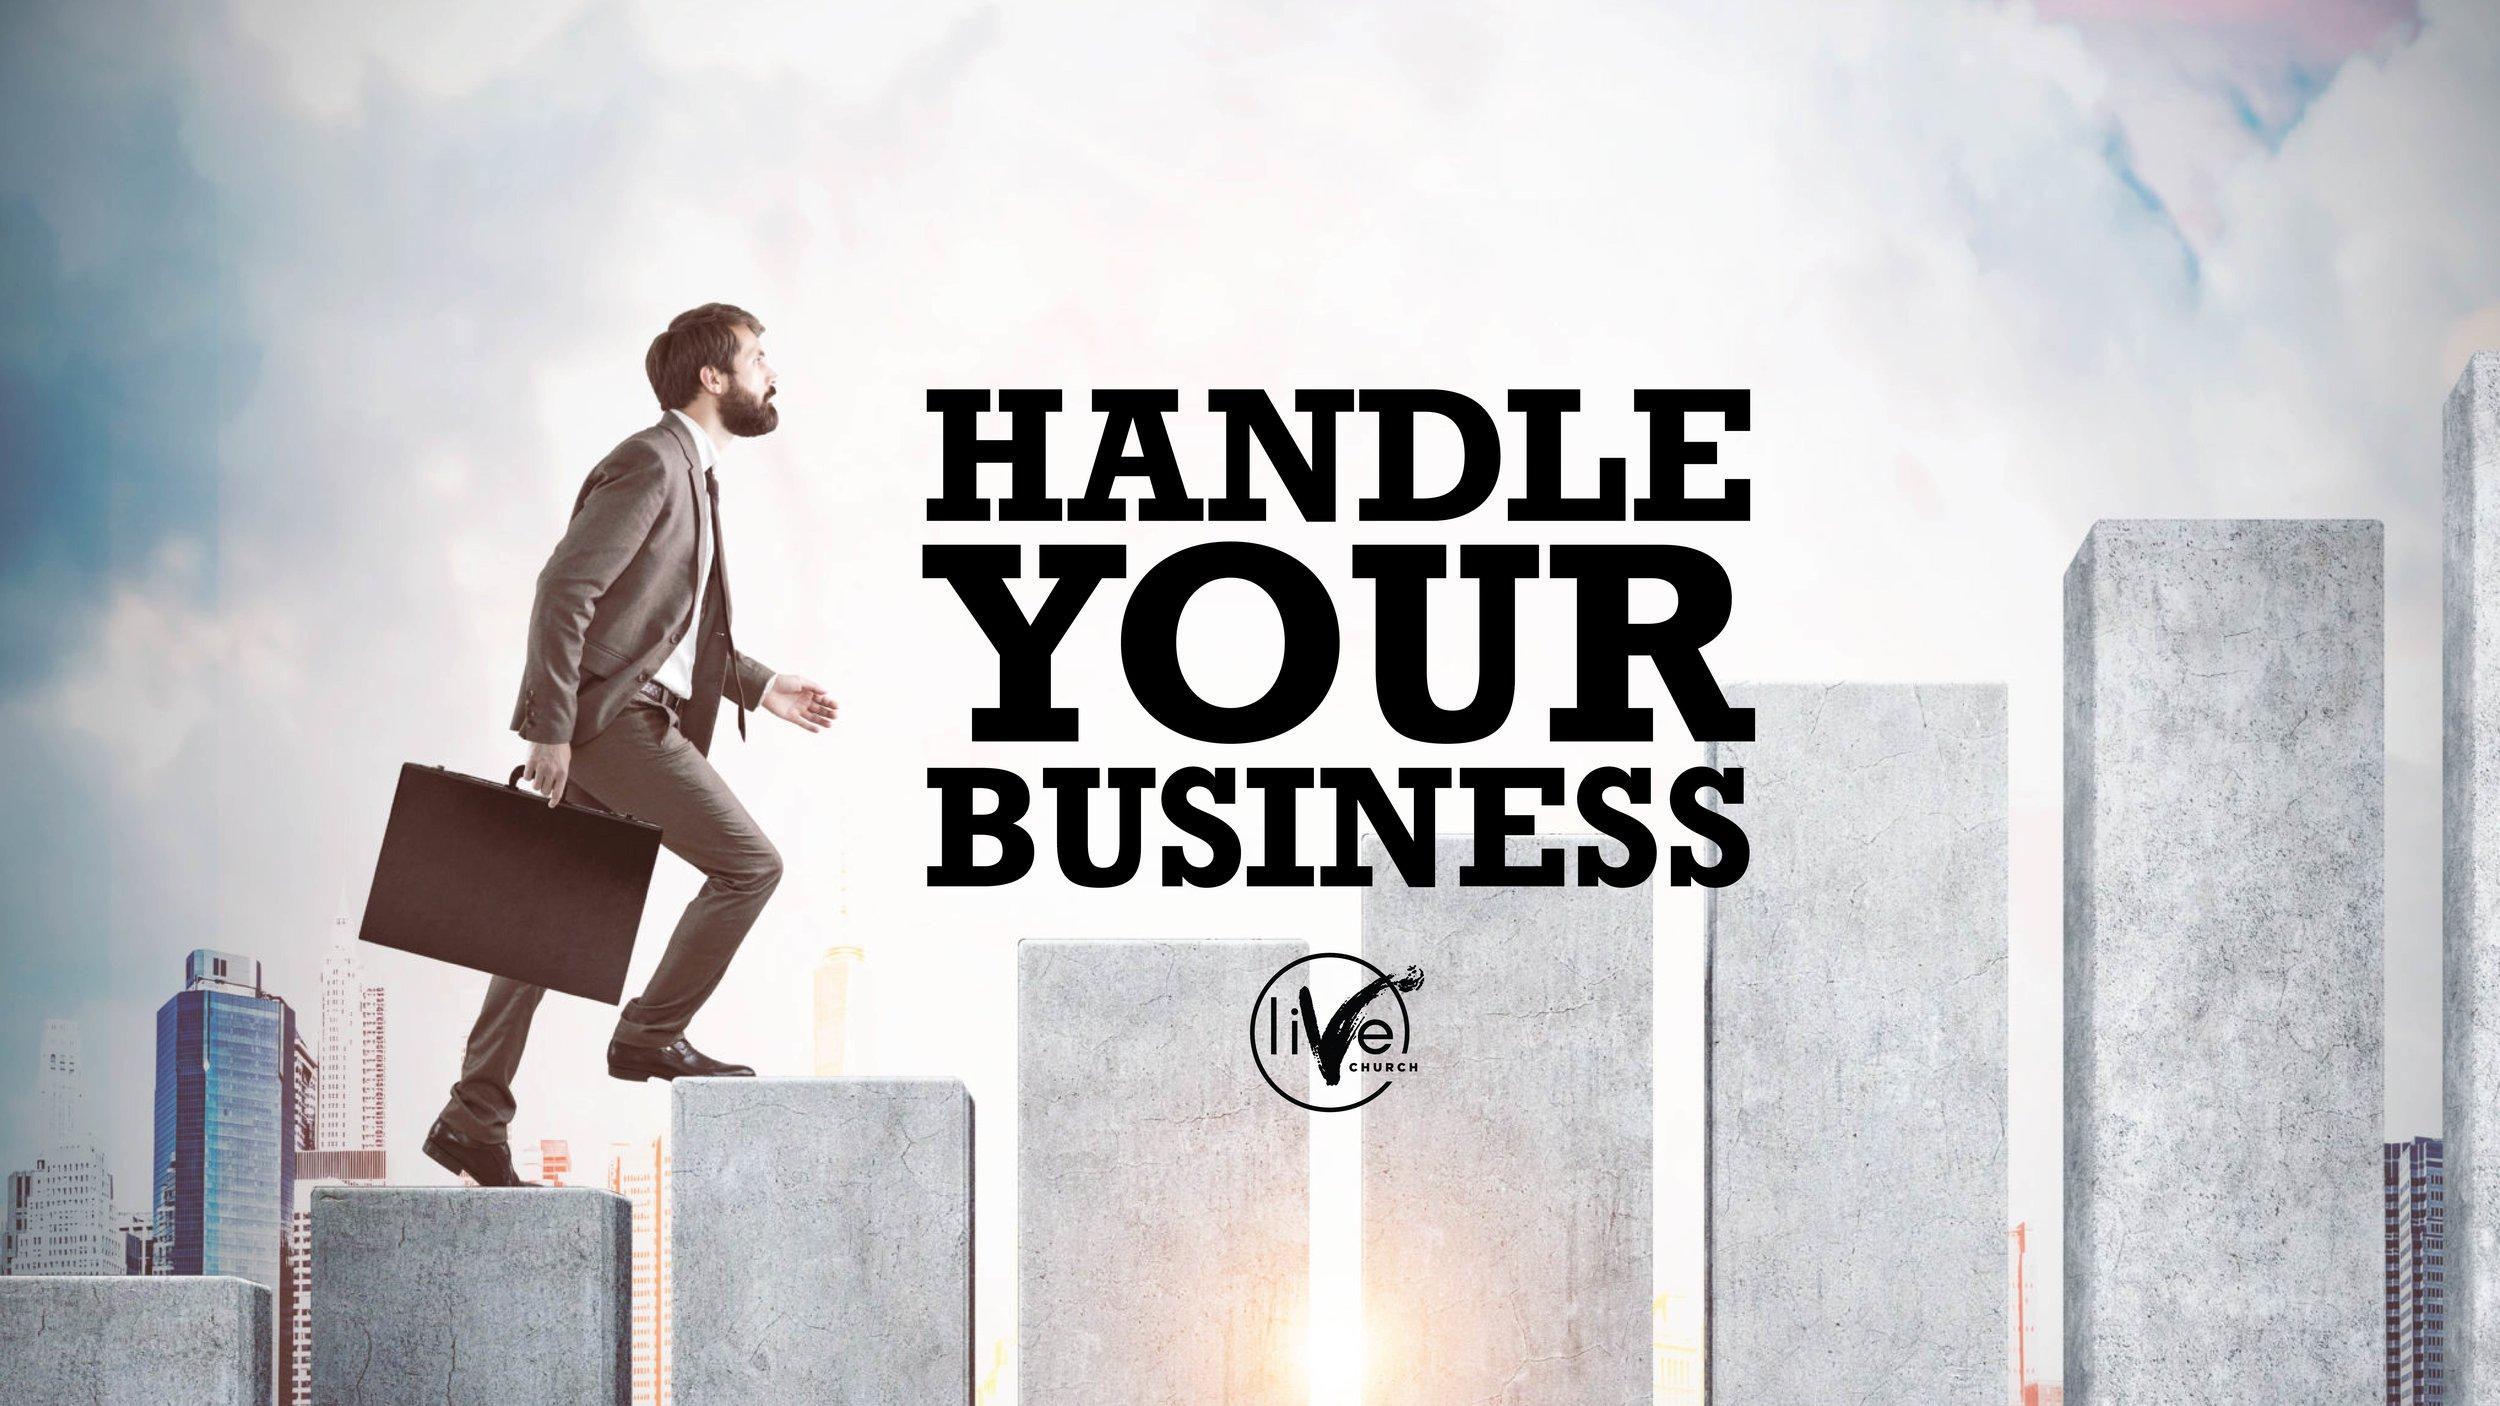 handleyourbusiness-07.jpg